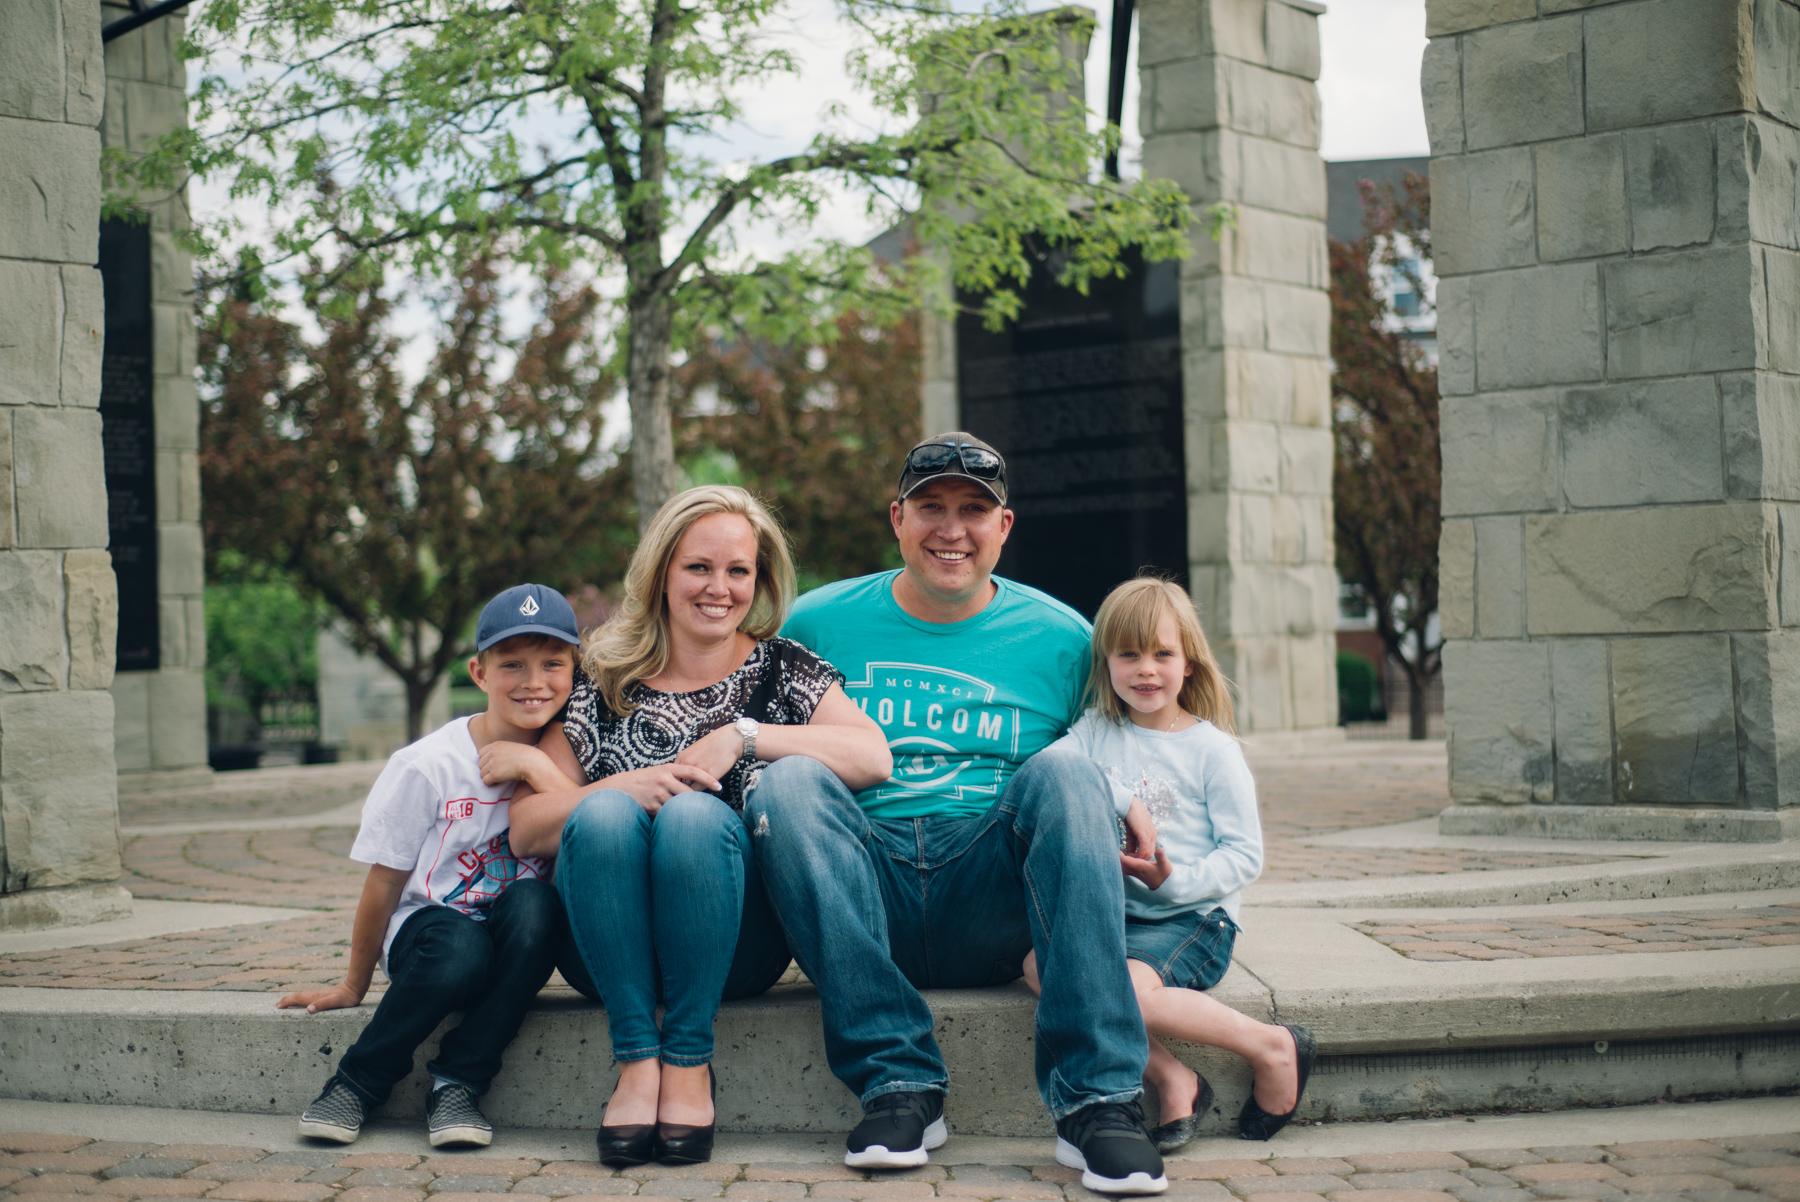 Calgary_Family_Session (7 of 25).jpg